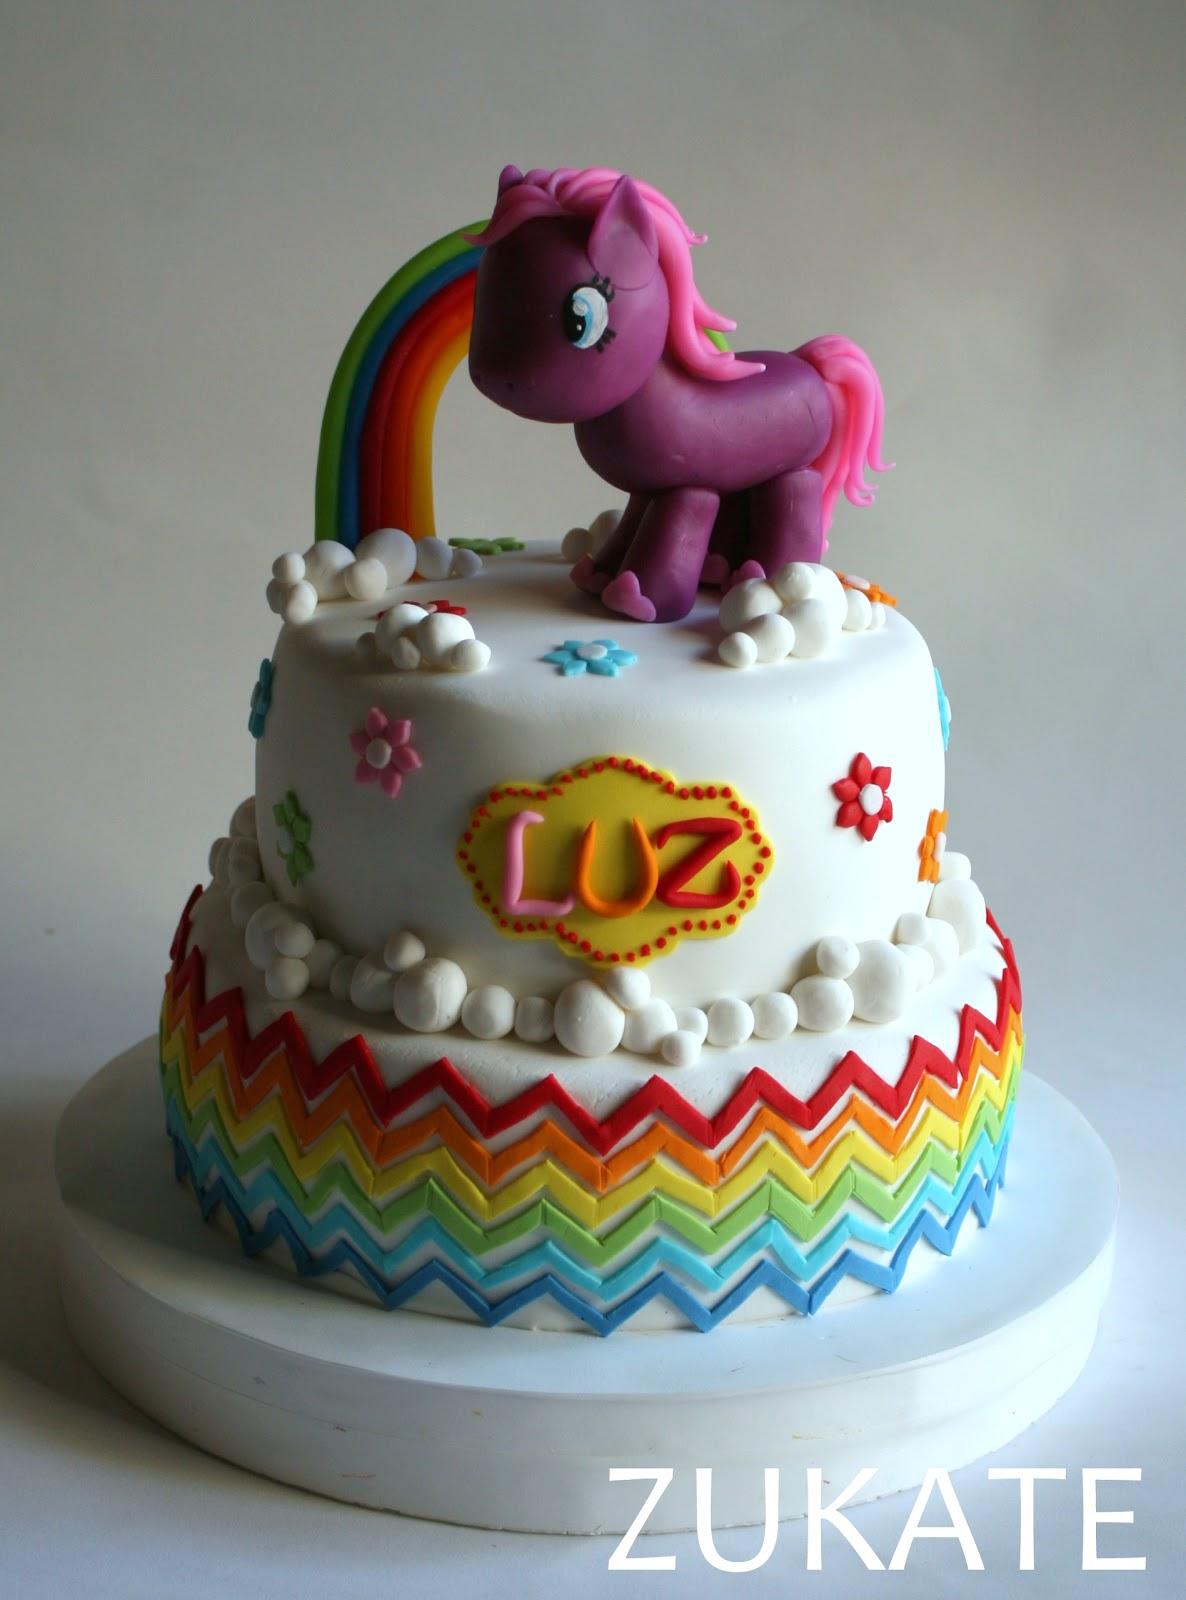 torta mi pequeÑo pony para luz zukate